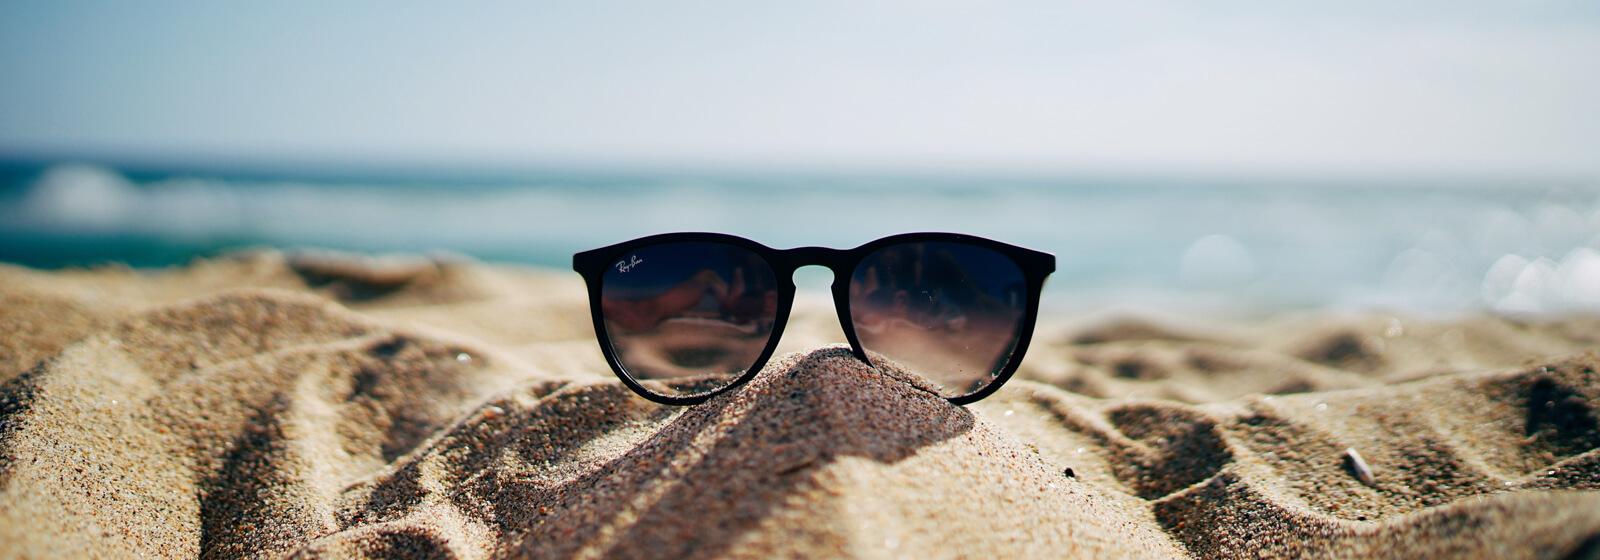 Summer image slide